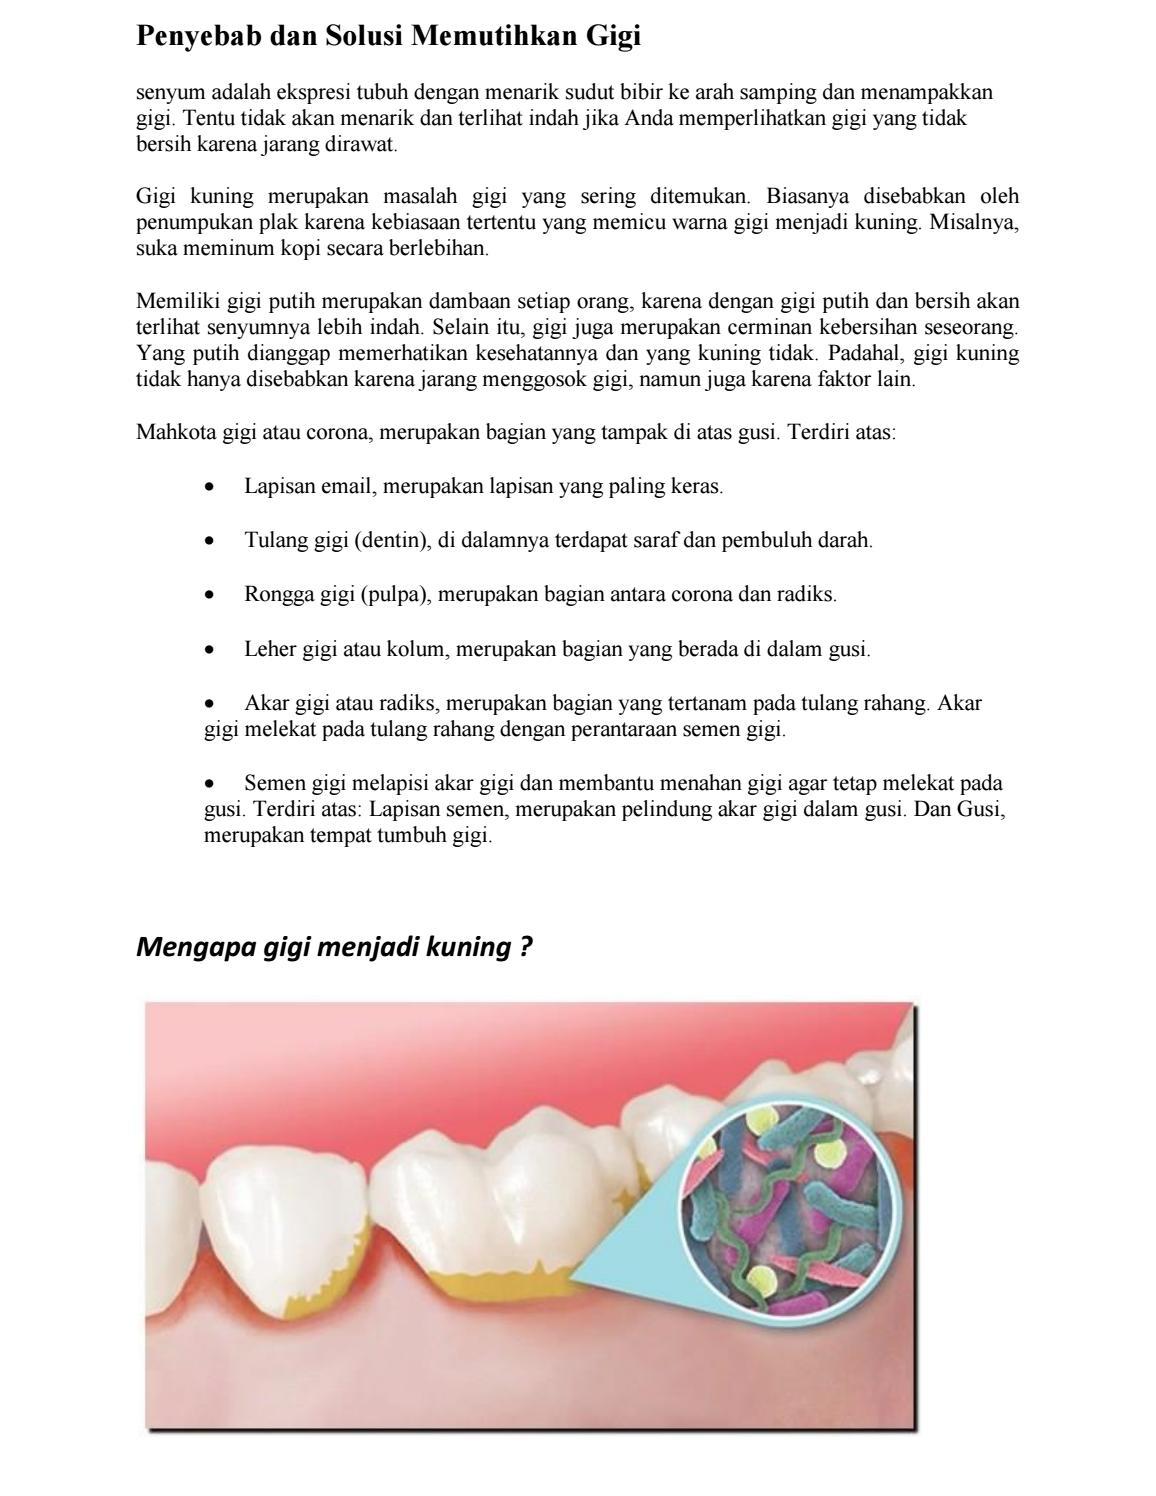 Penyebab Dan Solusi Memutihkan Gigi By C4ntik4 Issuu